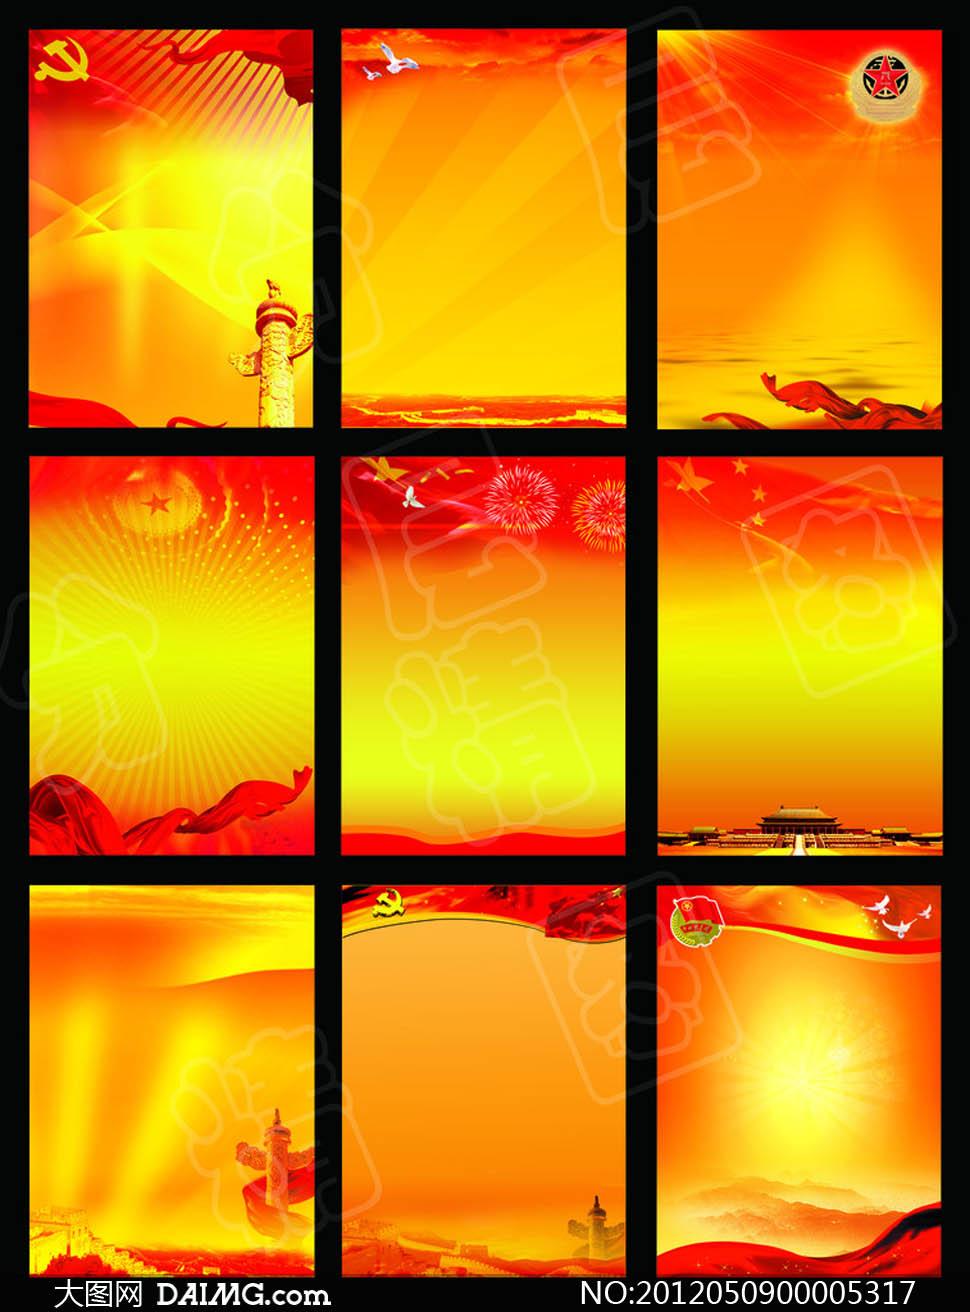 展板团委活动展板设计展板背景展板模板广告设计模板psd分层素材源